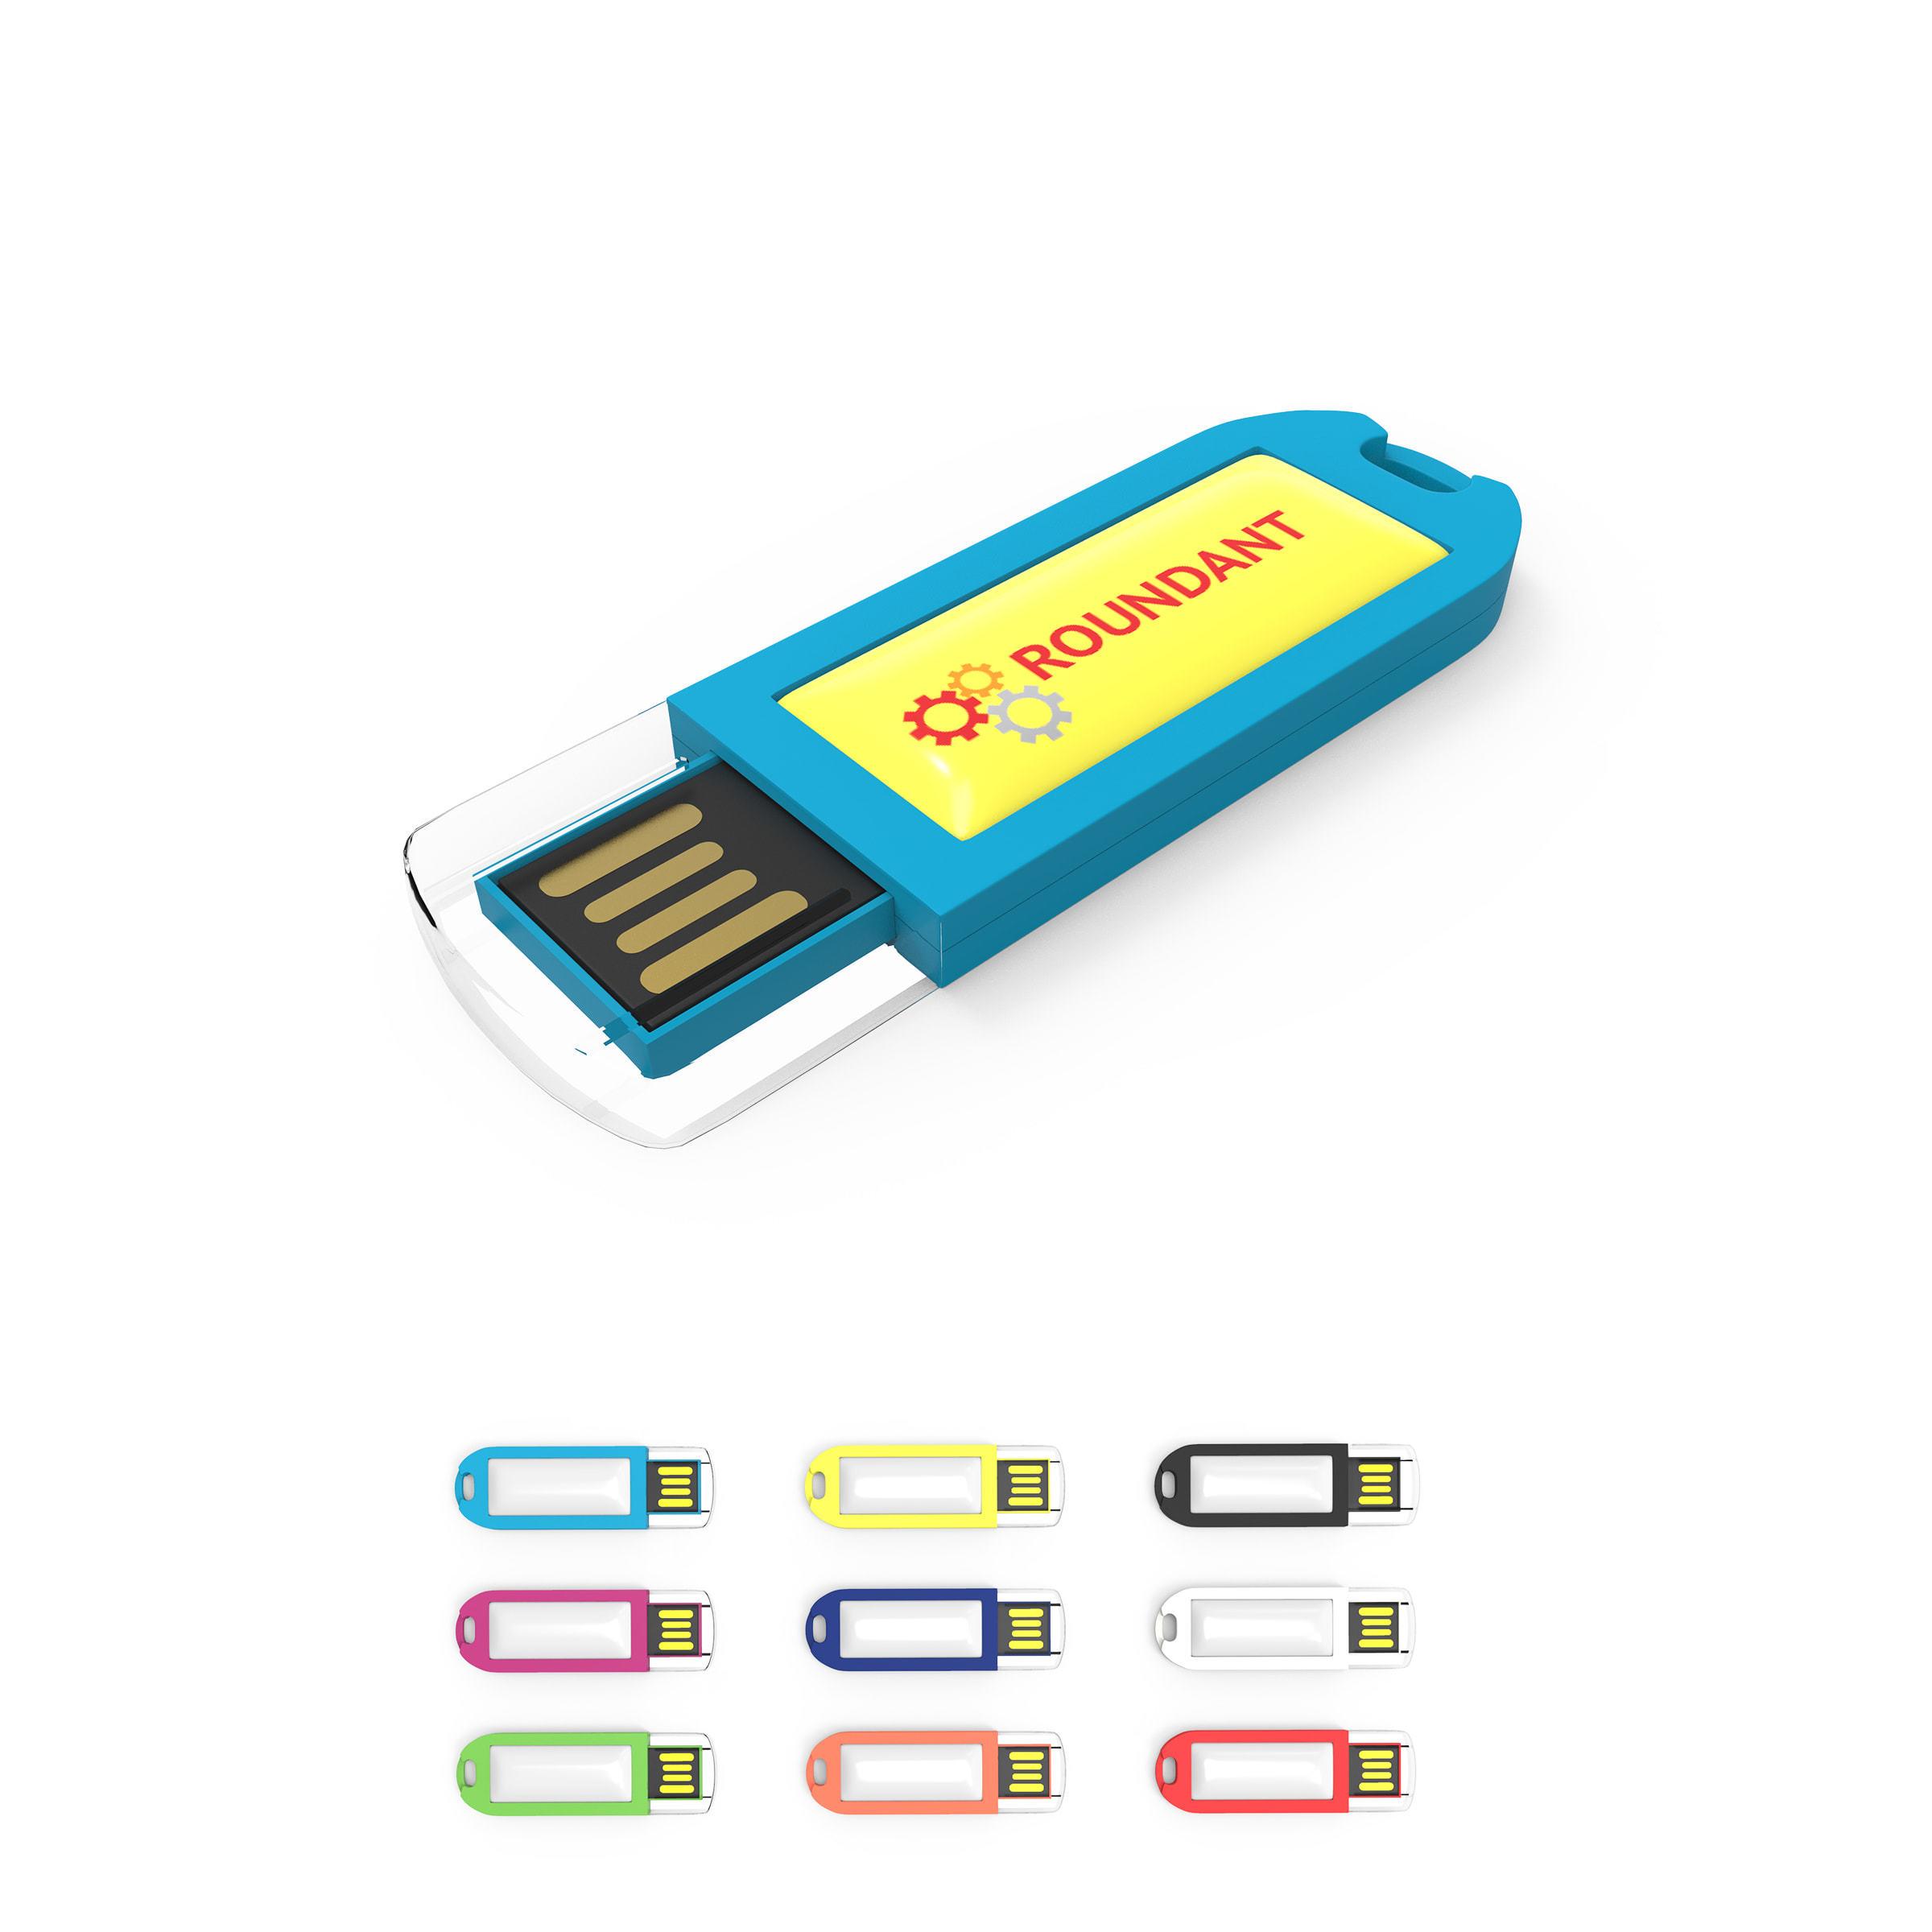 Clé USB Spectra v2 - 21-1048-10